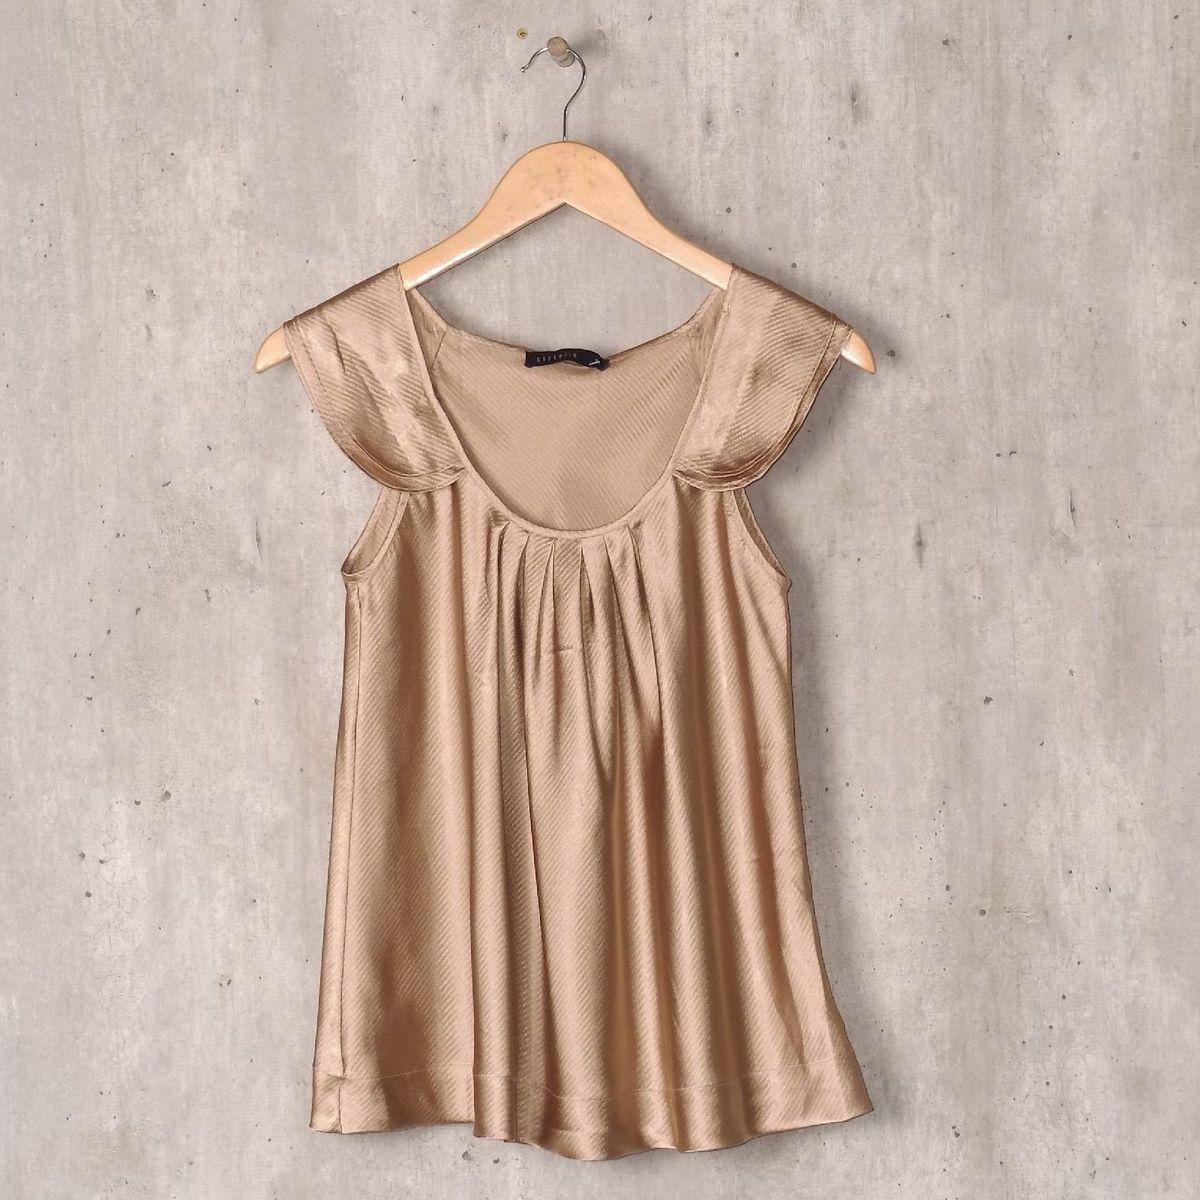 445e1fb23 blusa dourada de cetim - blusas cortelle.  Czm6ly9wag90b3muzw5qb2vplmnvbs5ici9wcm9kdwn0cy84mju4mdu2lzuymzq1ytkwmdc4ytdmnde0zdczyzdkodi5zwizmgu1lmpwzw  ...